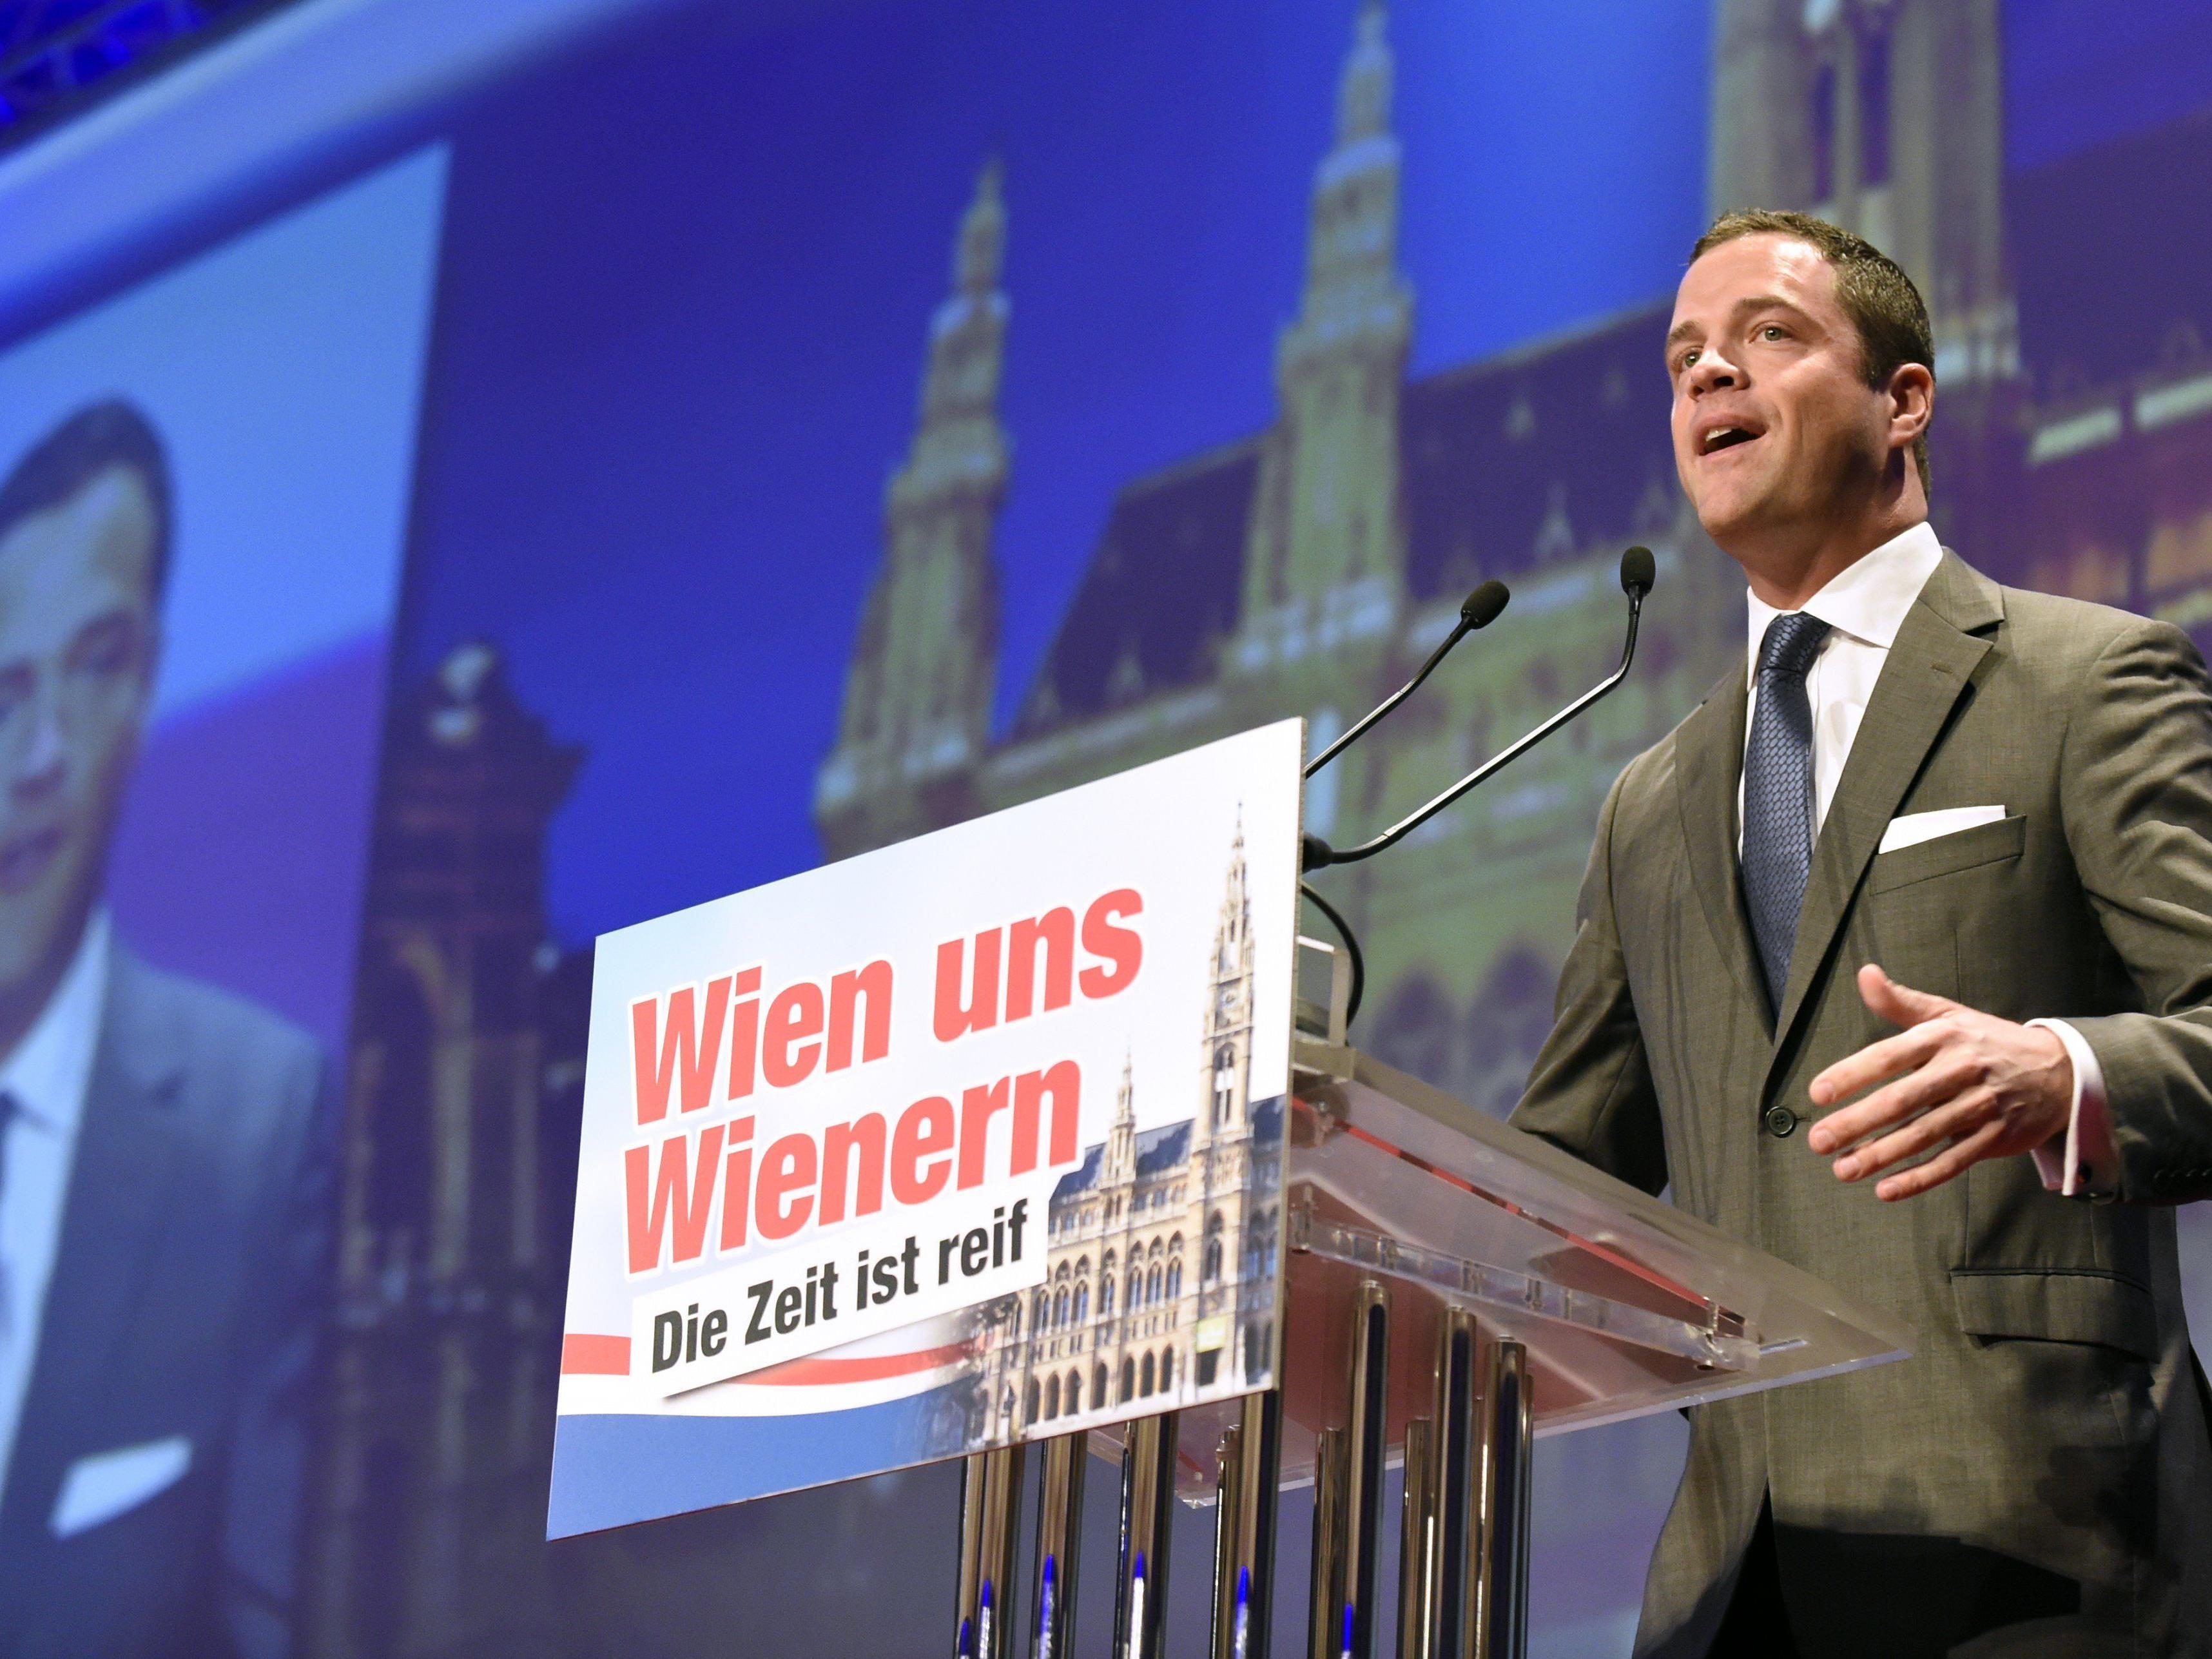 Johann Gudenus und die FPÖ zogen sogar aus dem Saal aus.